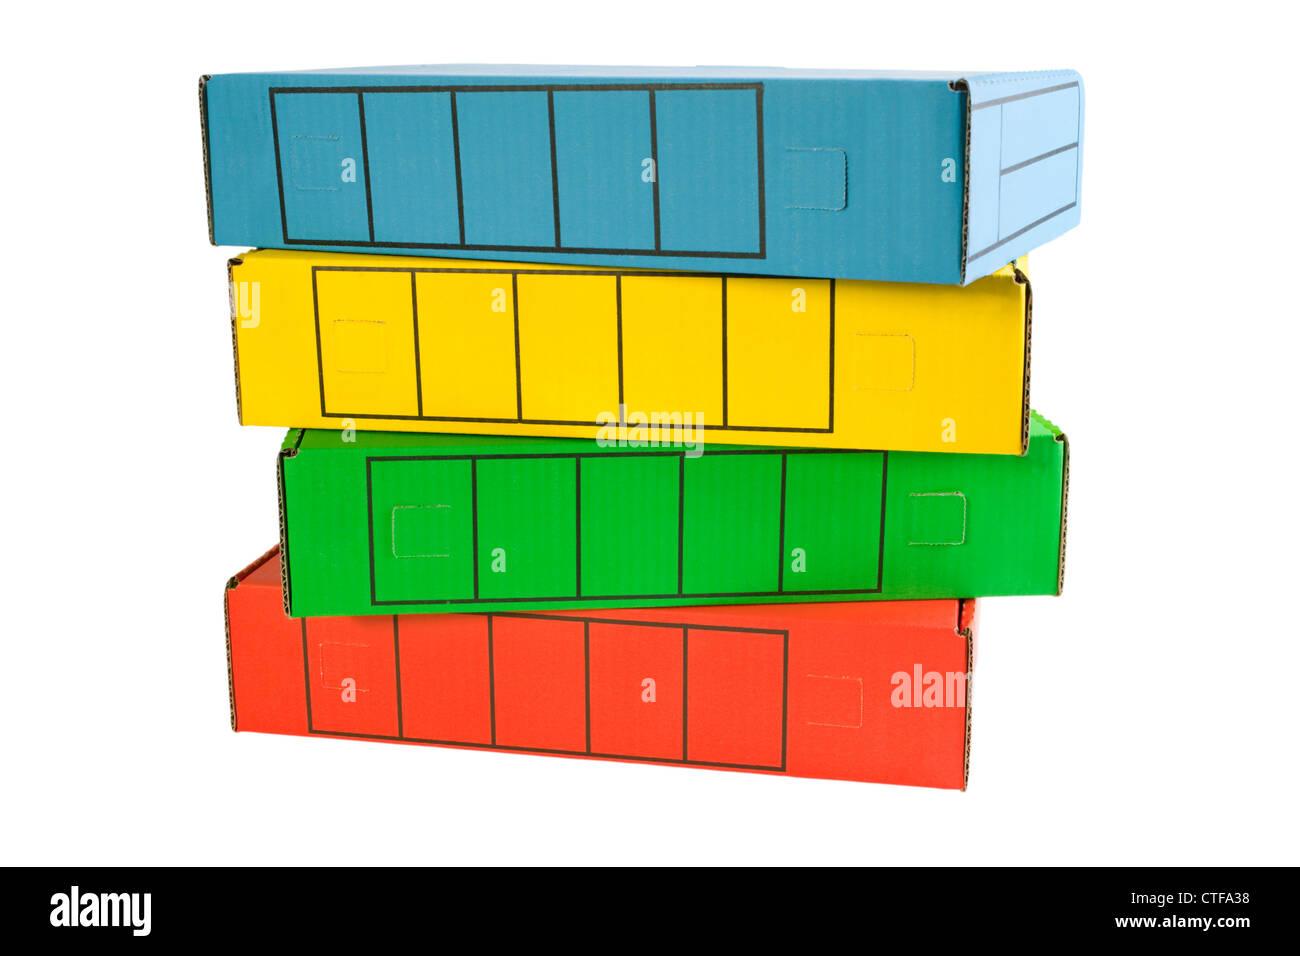 Un montón de cajas de archivo en colores brillantes. Trazado de recorte Imagen De Stock